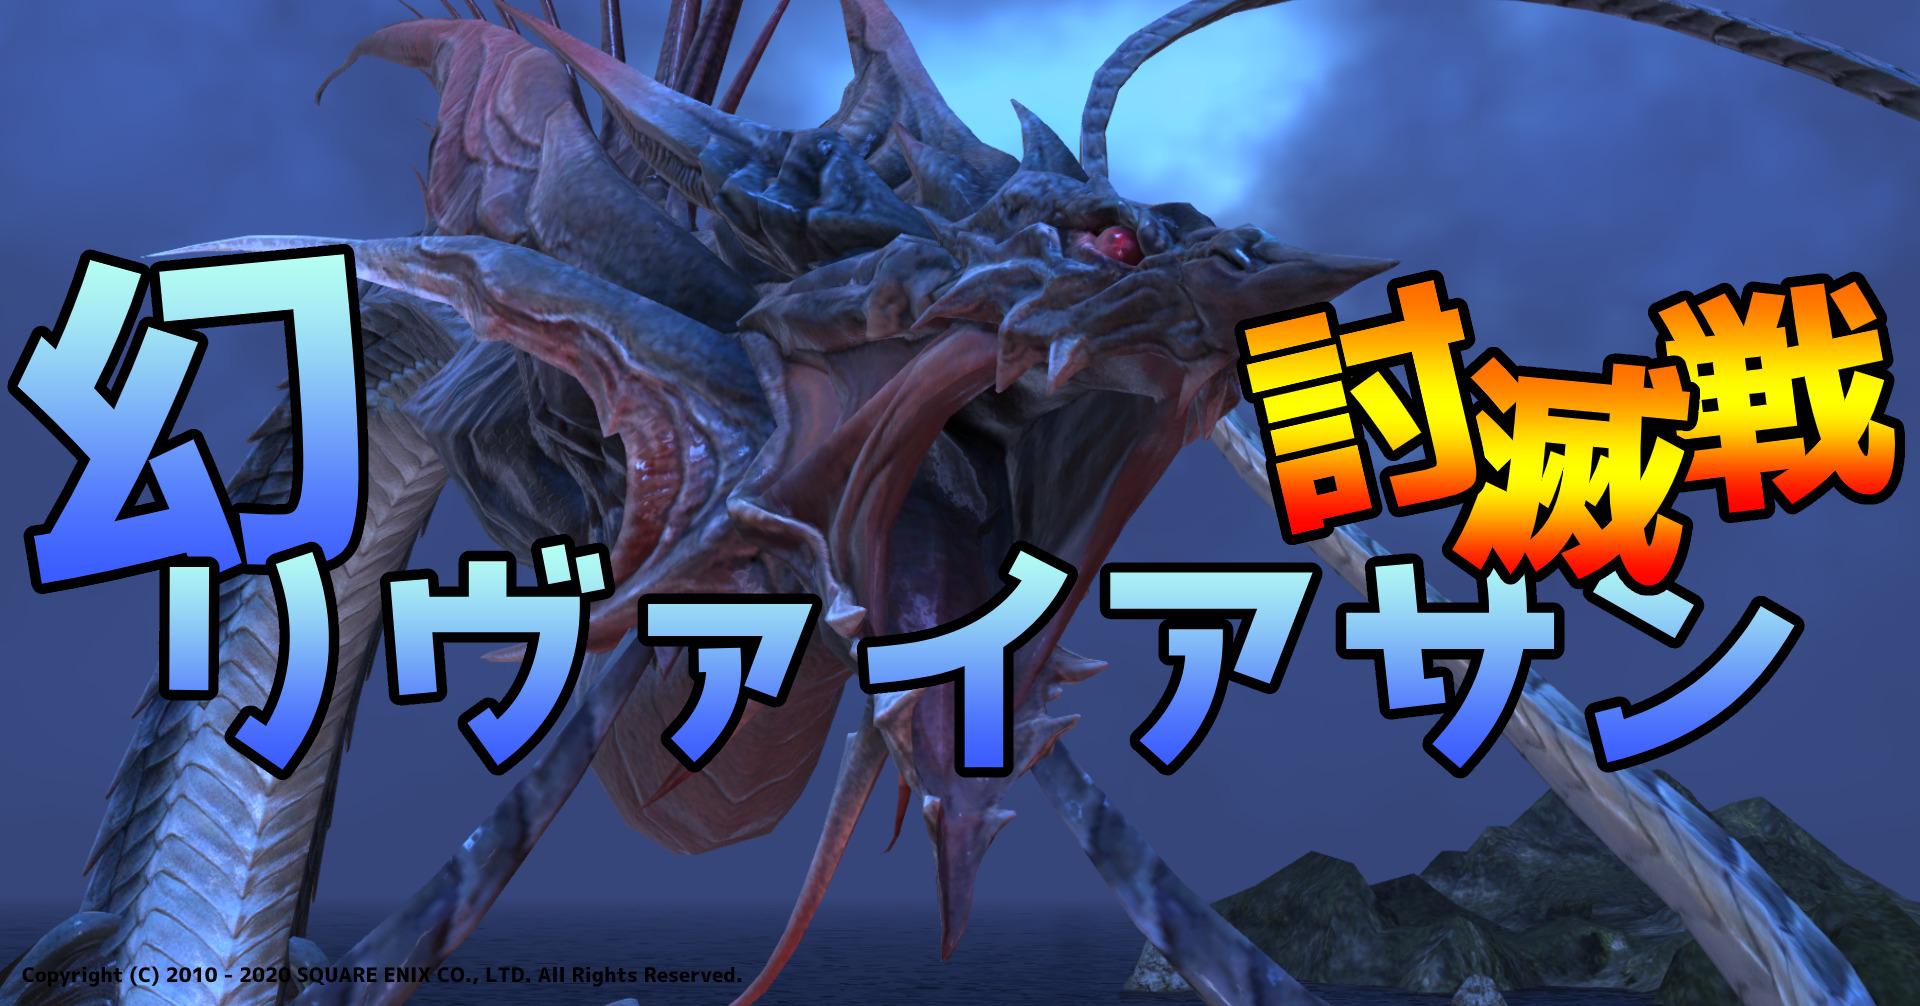 マント 攻略 赤 Steam:Aka Manto